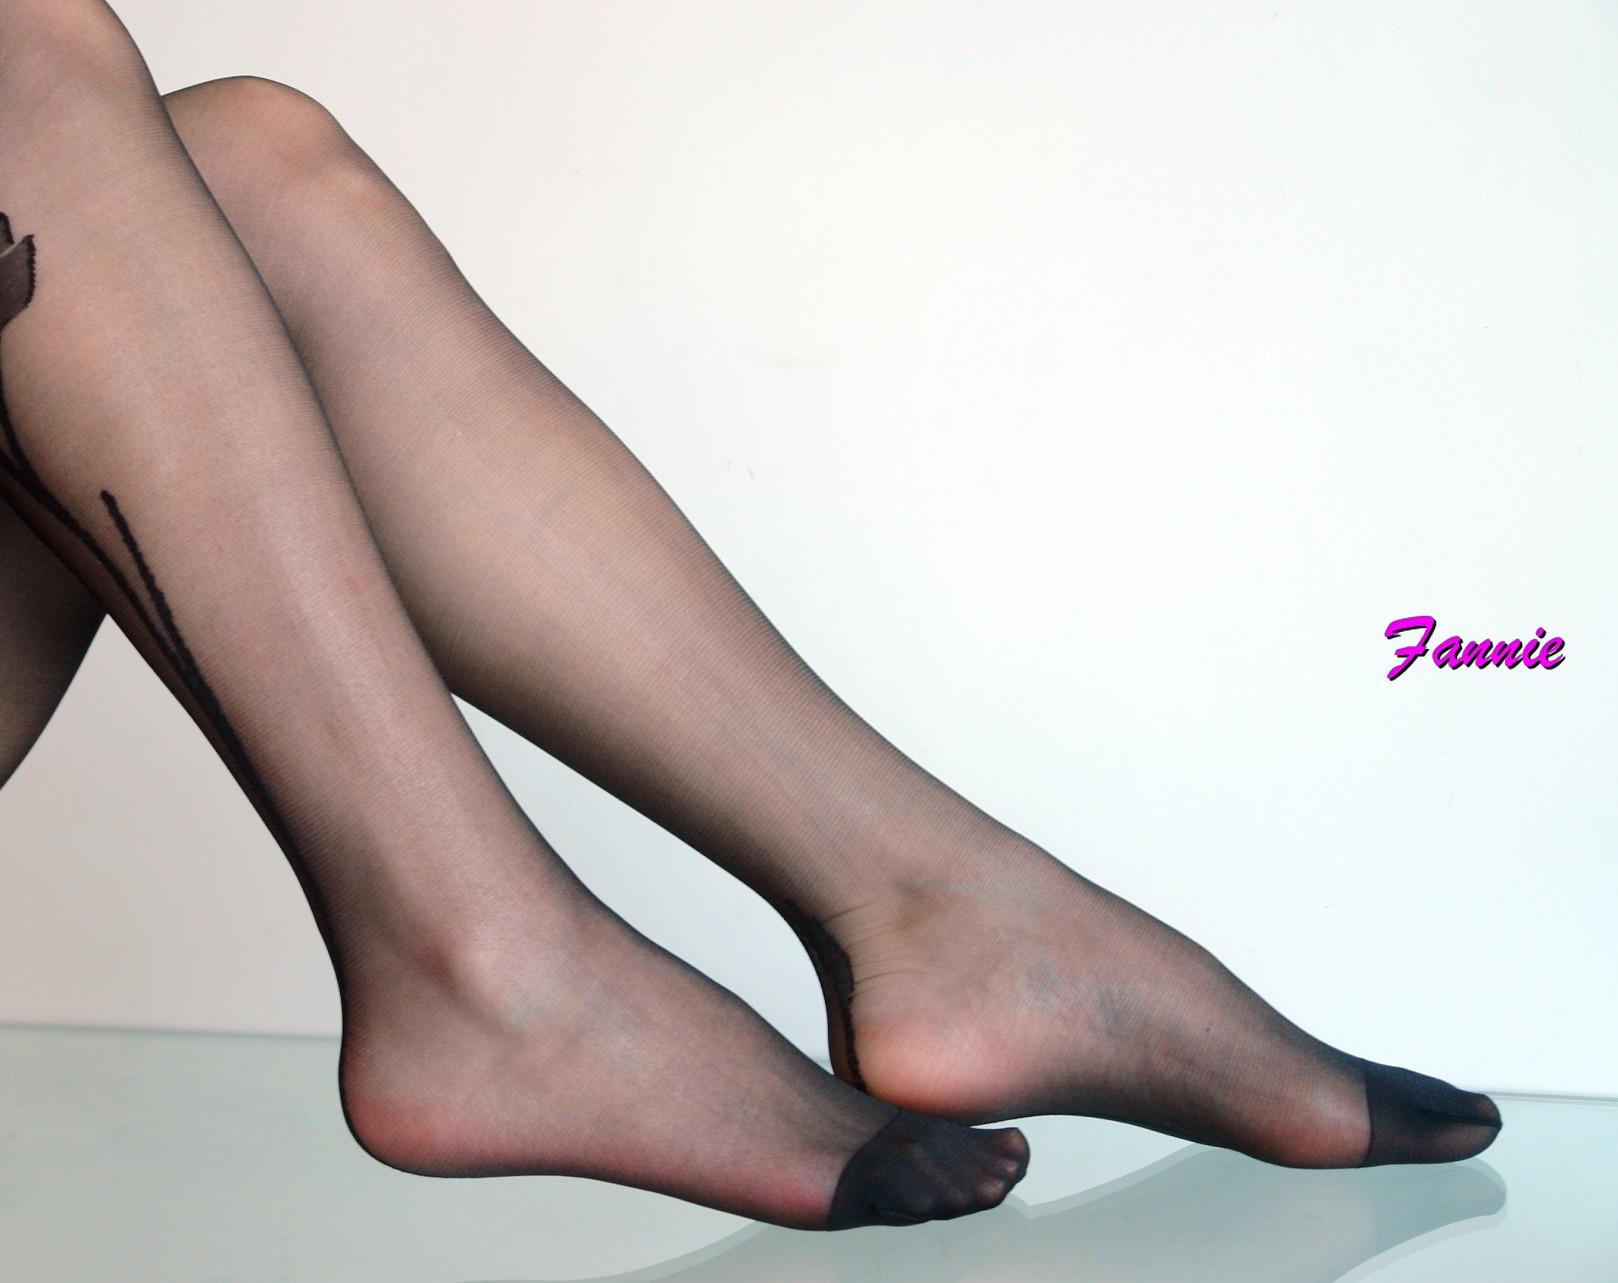 那一丝风情。冷香 - 喜欢光脚丫的夏天 - 喜欢光脚丫的夏天